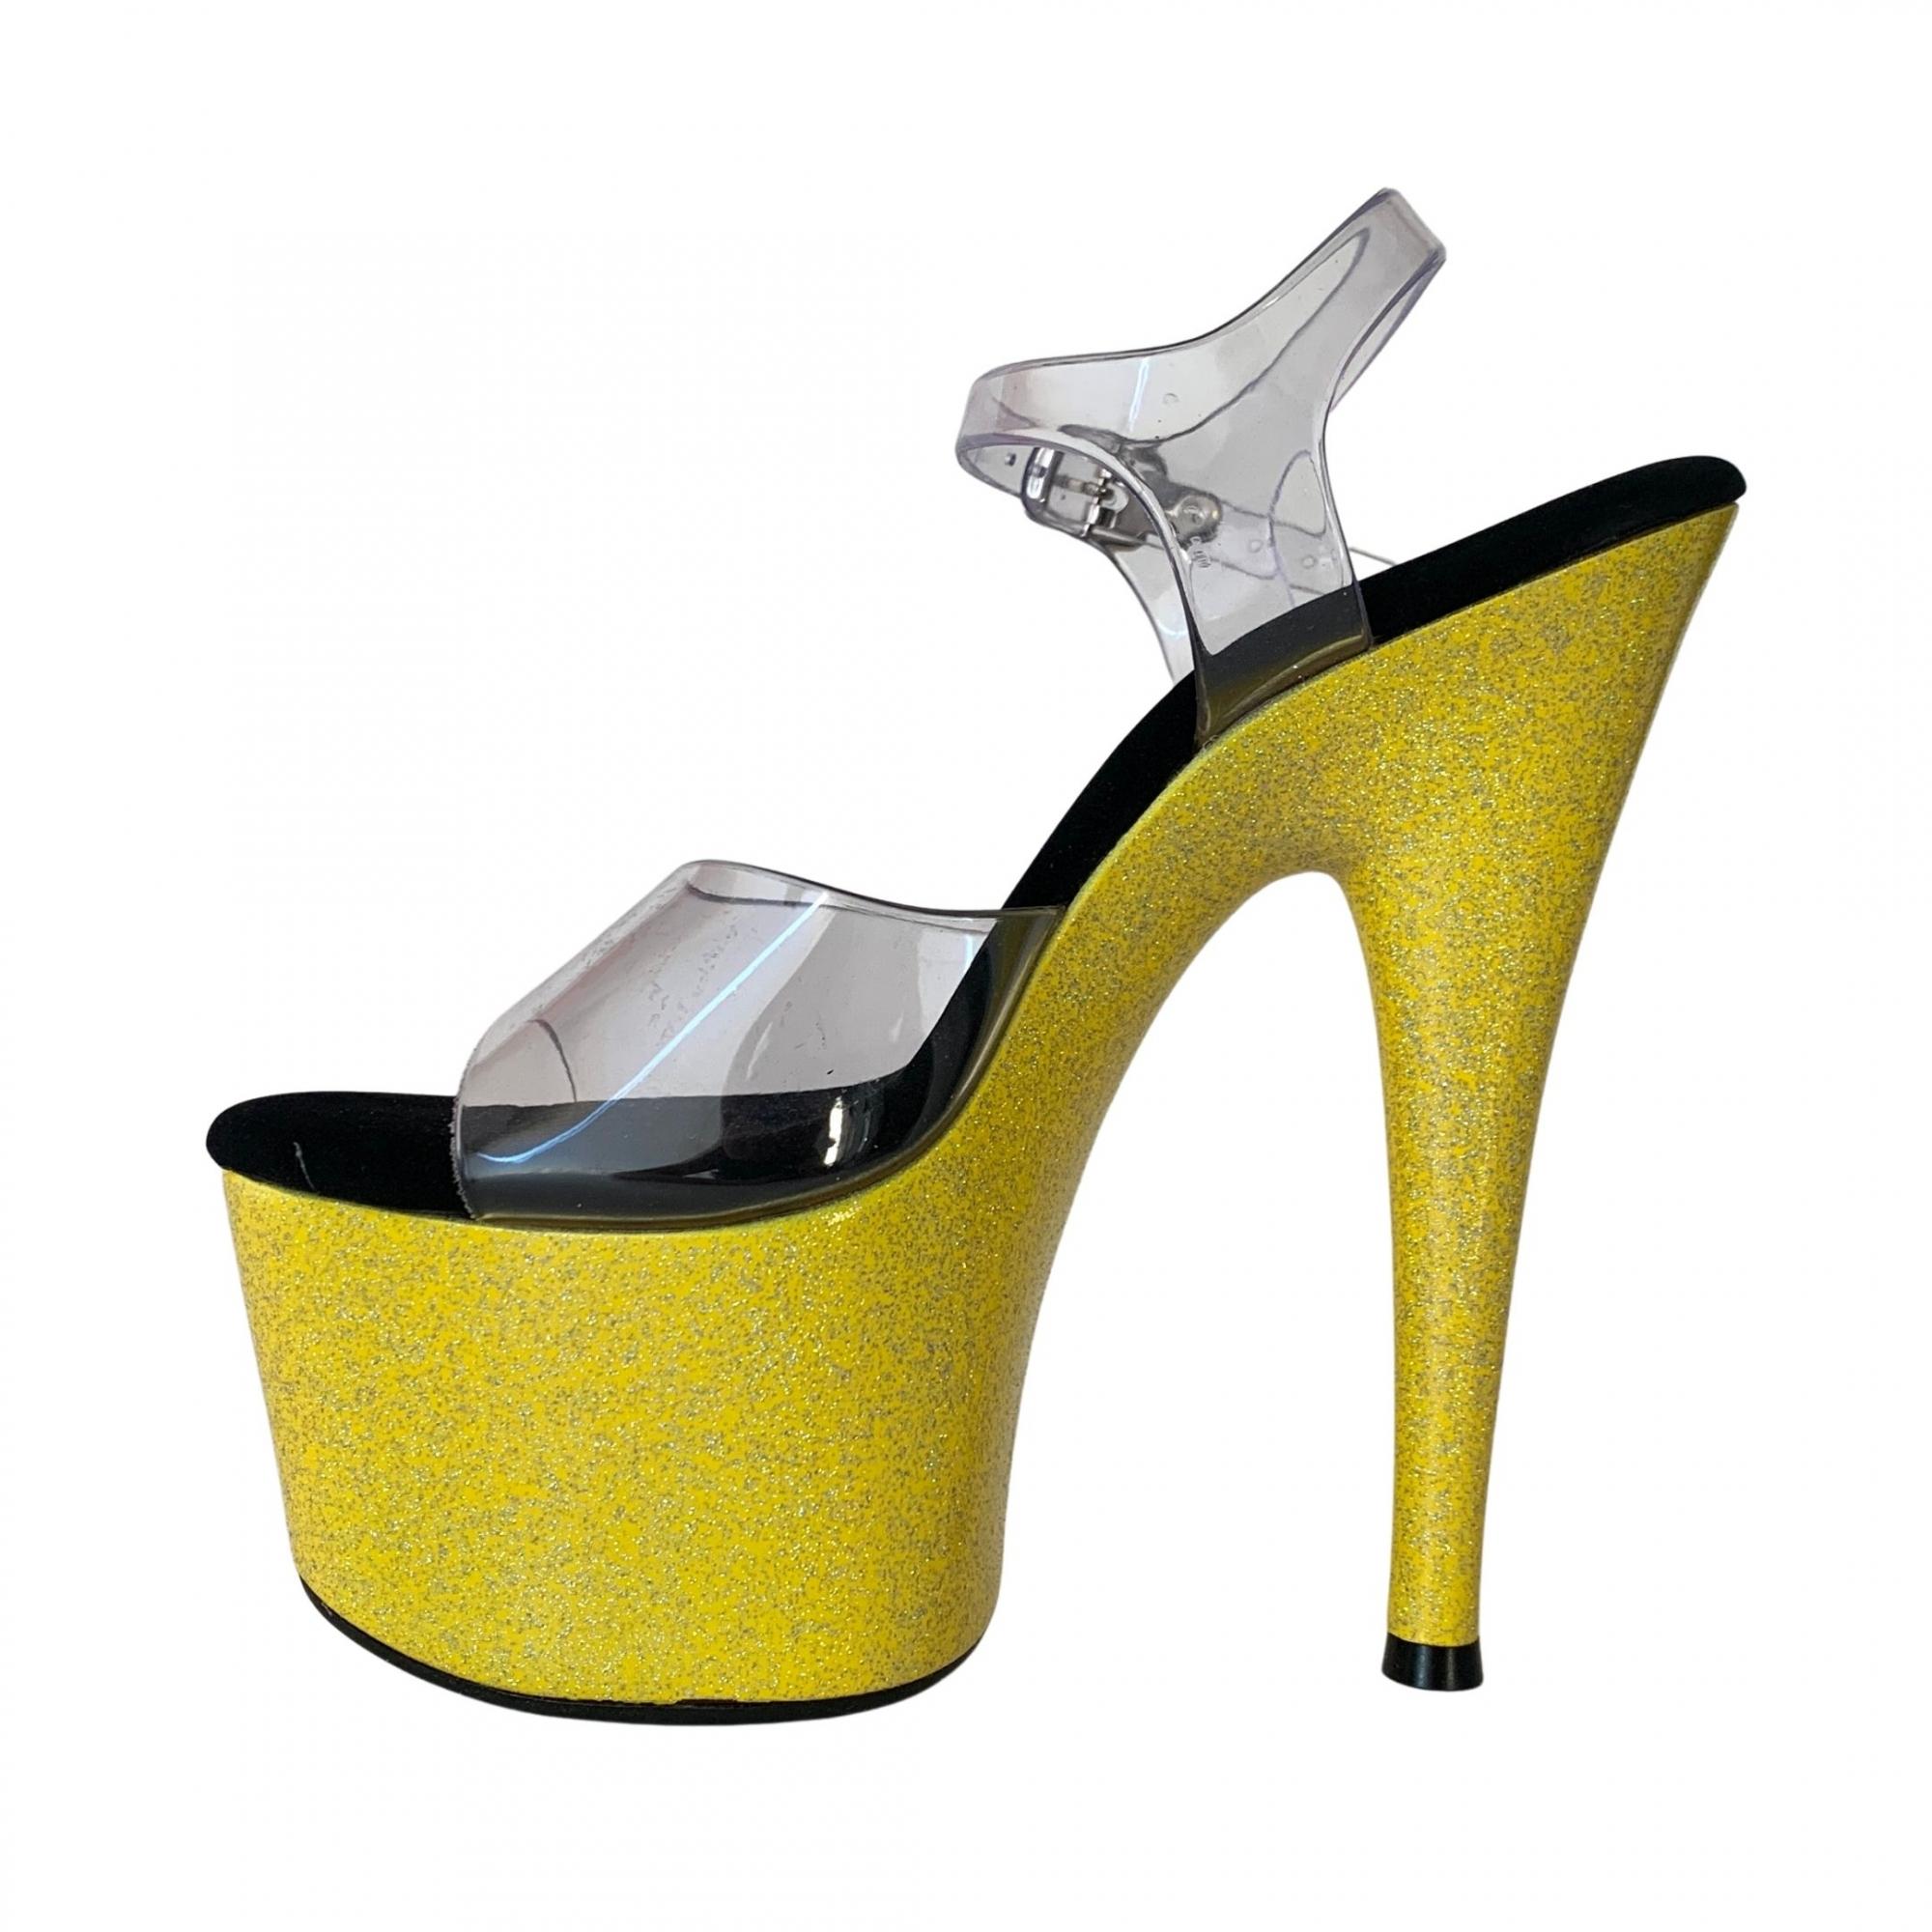 Sandália Del Diablo Glitter Amarelo NR 7US - Play Heels (pronta entrega)